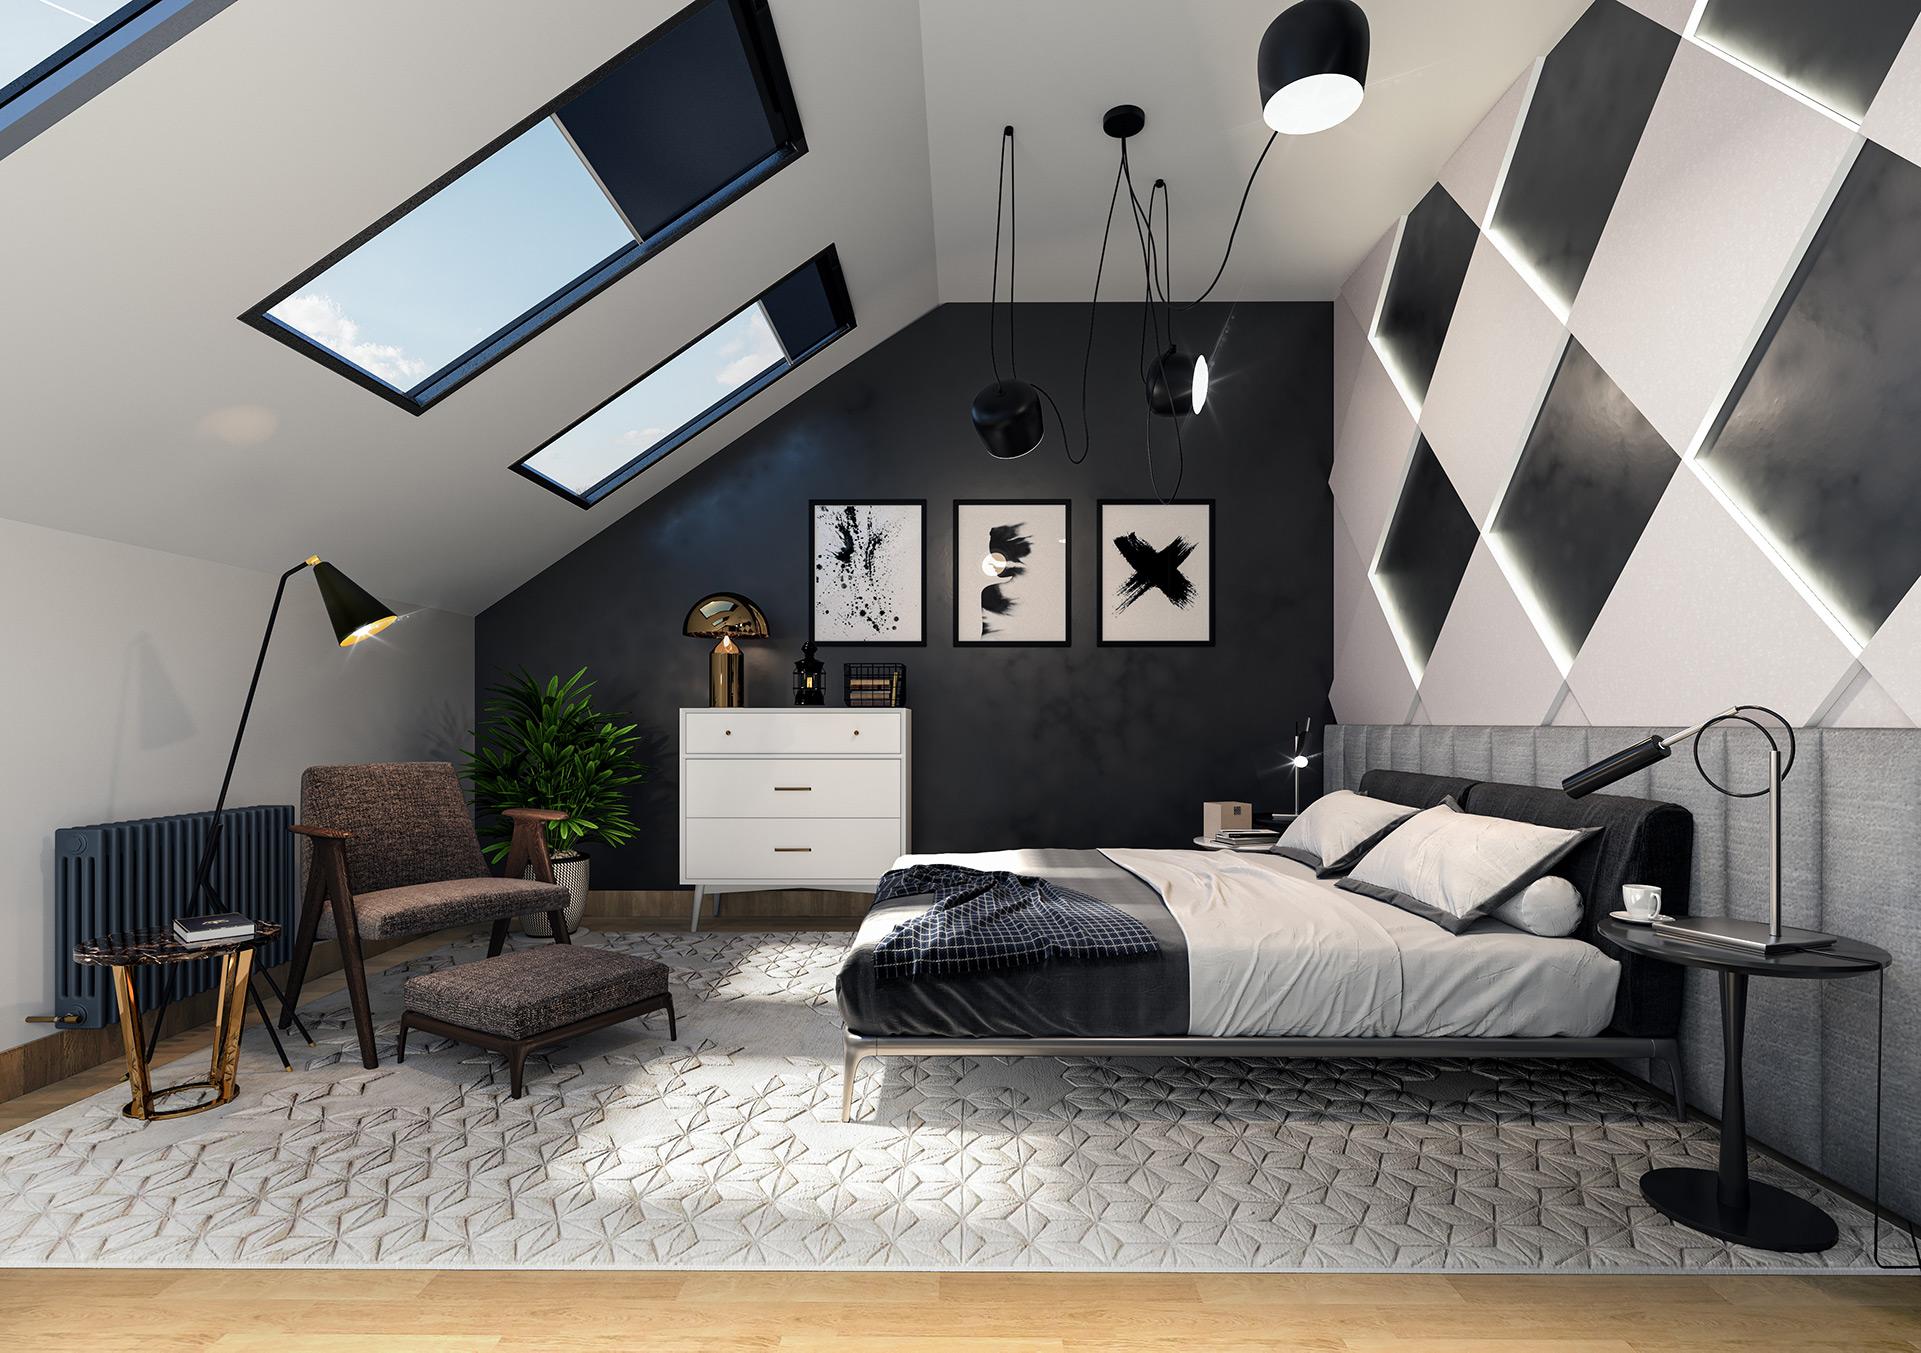 Bedroom Interior Render